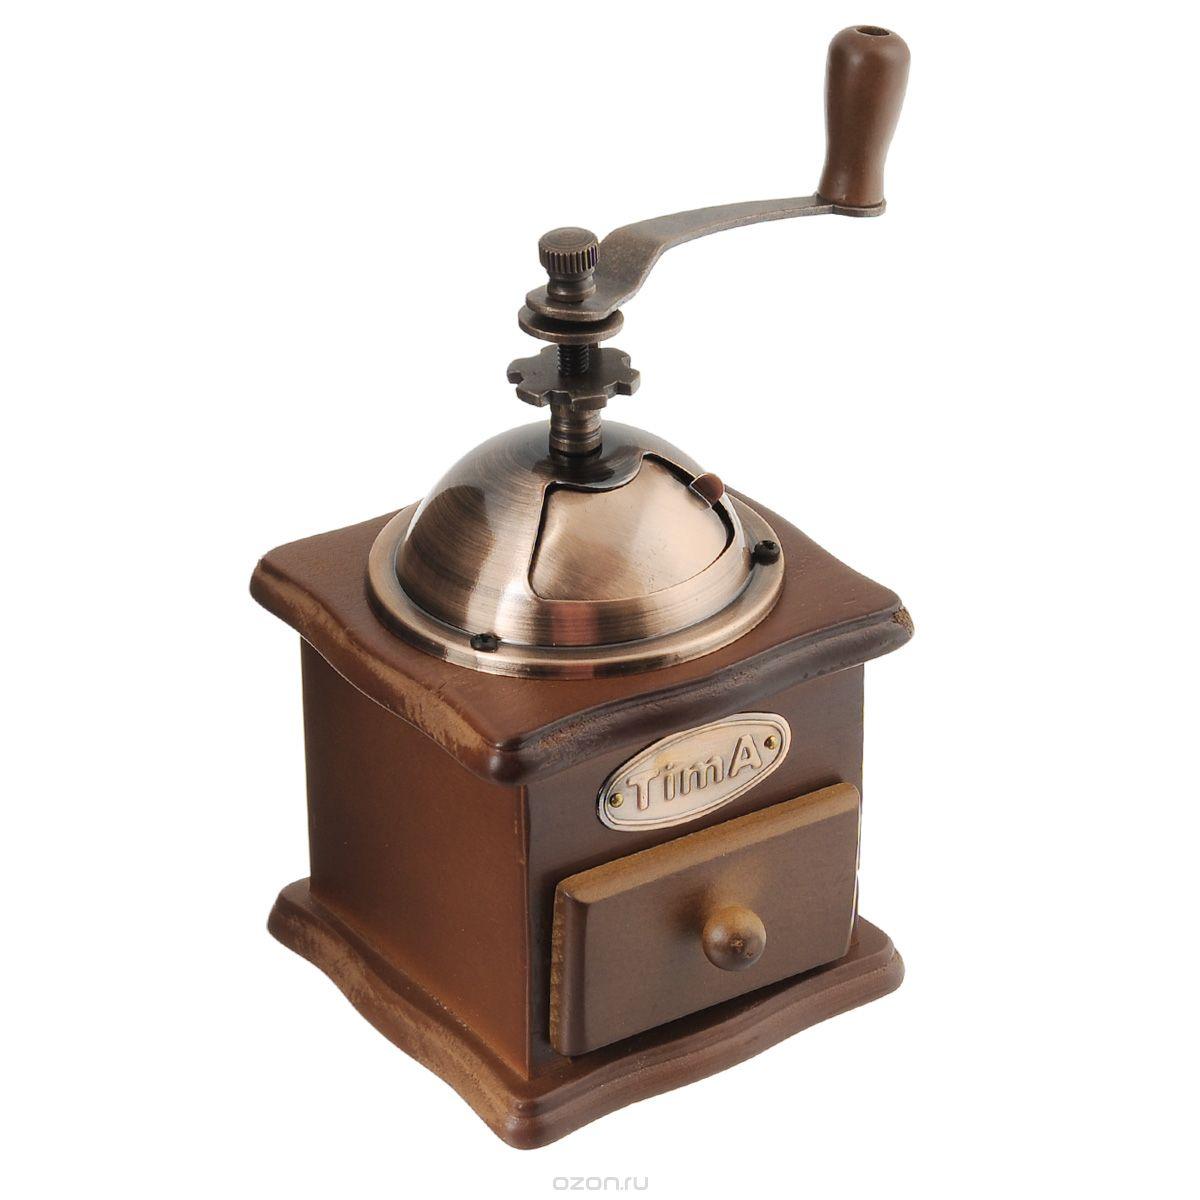 Кофемолка ручная TimA, SL-008SL-008В механической кофемолке TimA размол кофейных зерен производится керамическими жерновами, приводимыми во вращение рукояткой. Использование керамических материалов не только сохраняет натуральный вкус и аромат кофе, но и позволяет значительно продлить срок службы кофемолки. Порция кофейных зерен засыпается в чашу либо в купол. Степень помола можно регулировать самостоятельно, для чего надо покрутить винт на центральном стержне над жерновами. Для варки кофе в турке жернова должны быть расположены максимально близко друг к другу, для заваривания кофе во френч-прессе надо увеличить расстояние между жерновами. Молотый кофе накапливается в специальном деревянном ящичке внизу корпуса.